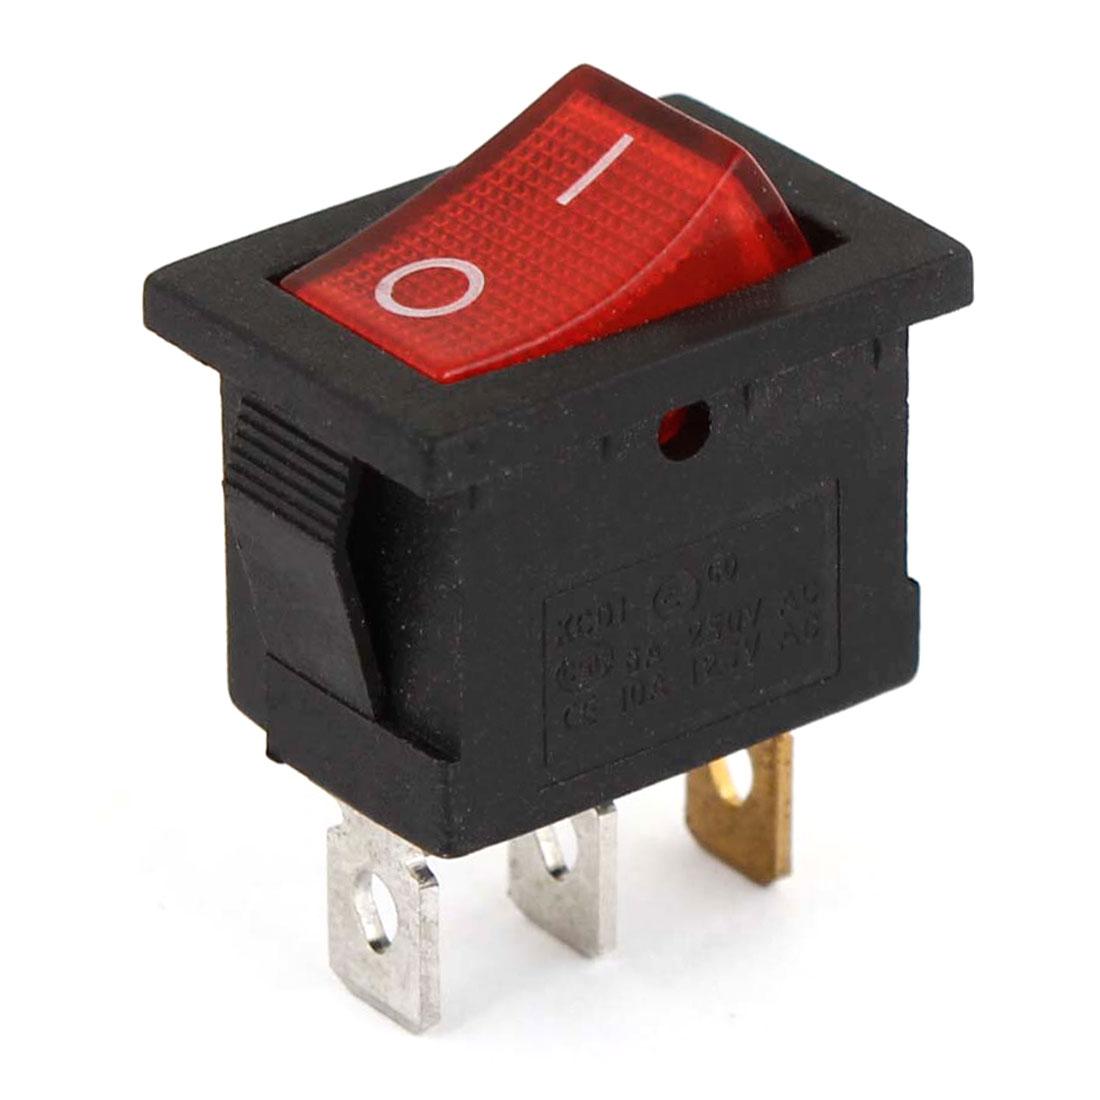 AC 6A/250V 10A/125V 3 Pin 2 Position Red LED Light ON/OFF Rocker Switch KCD1